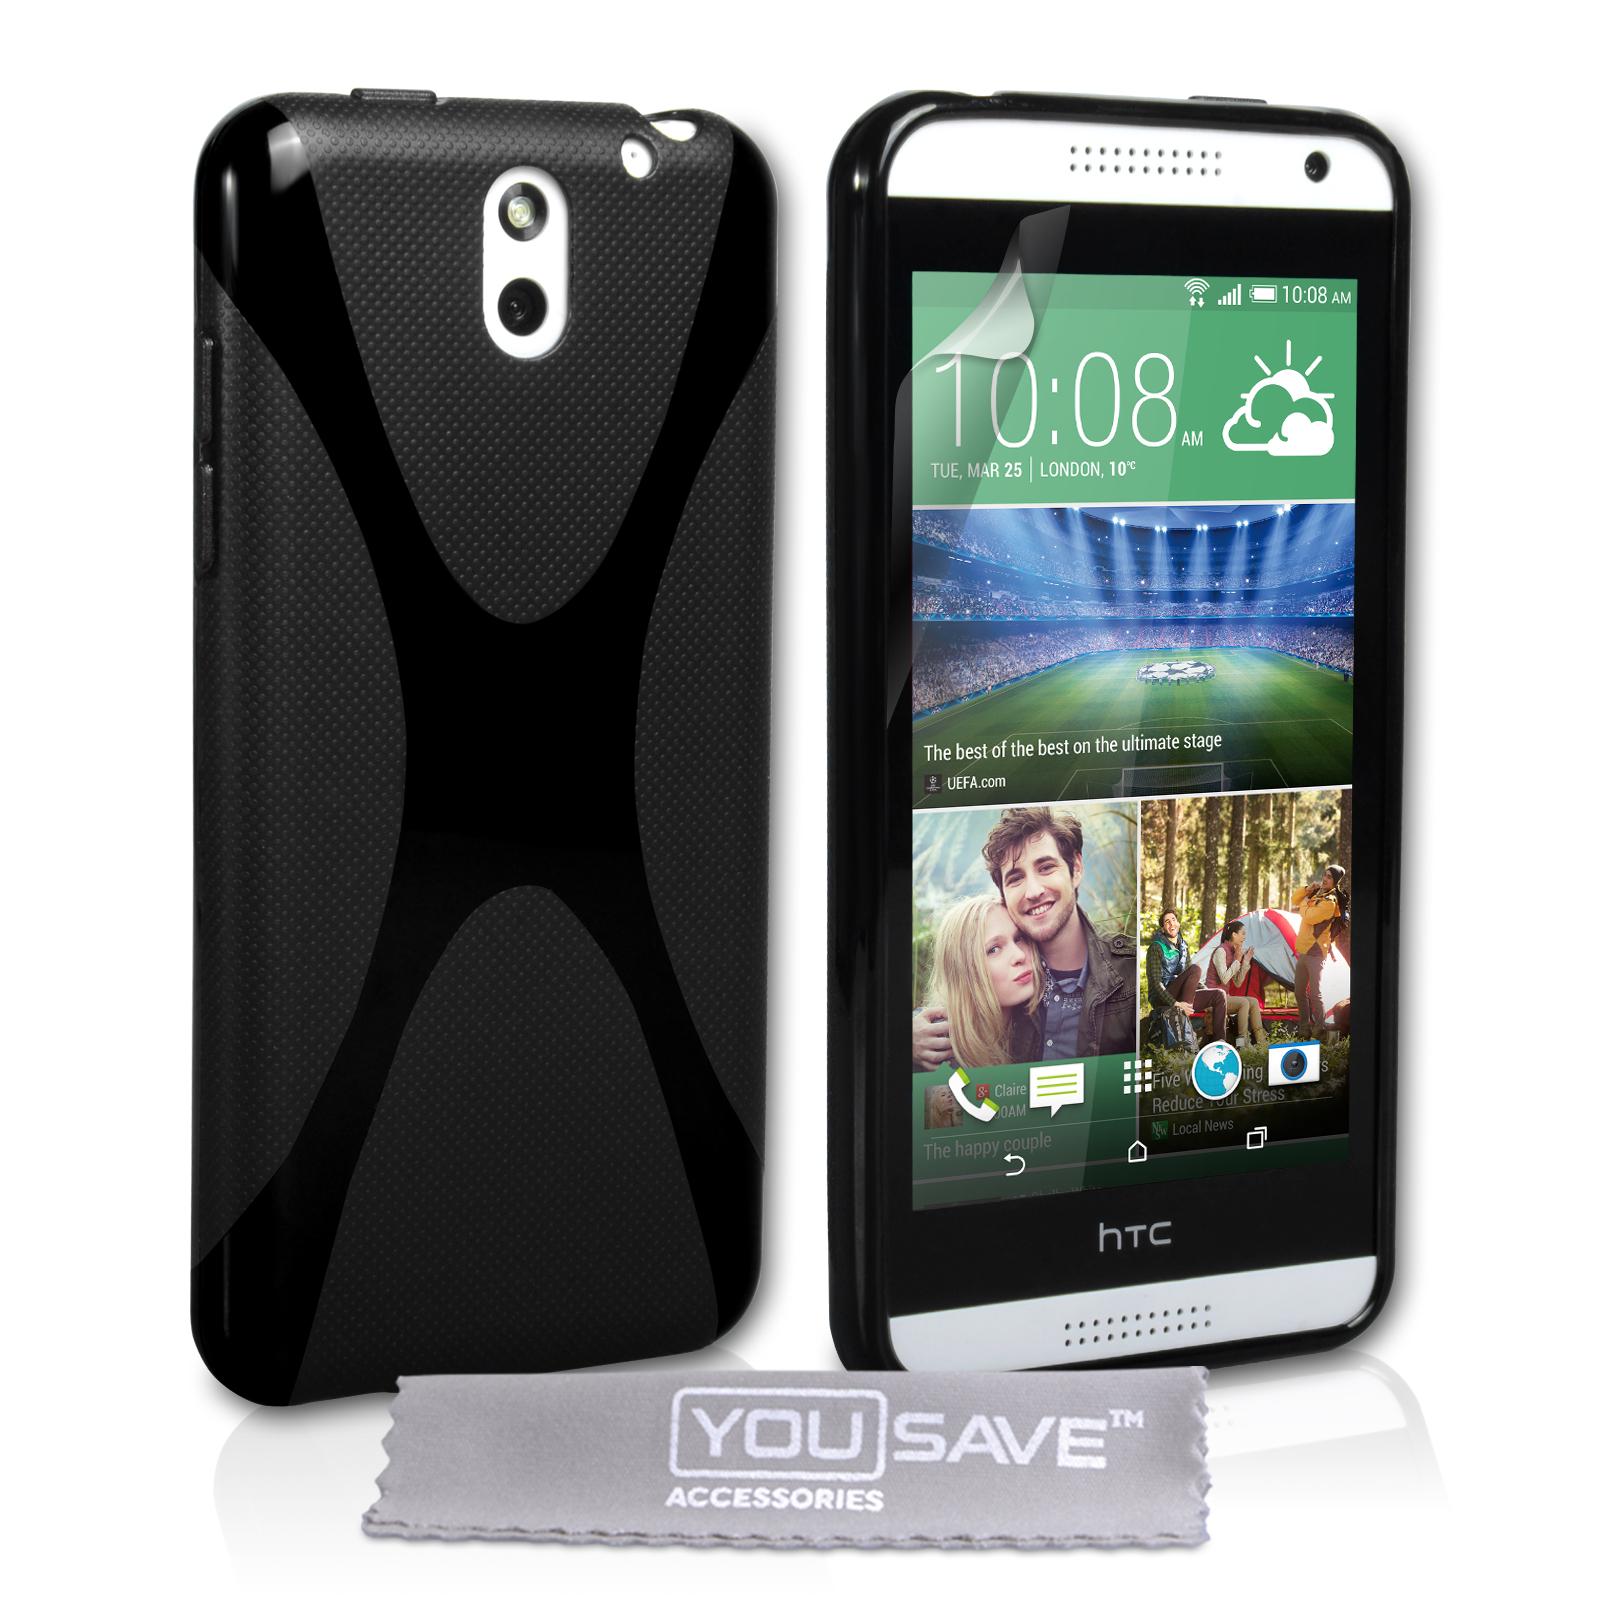 Θήκη HTC Desire 610 by YouSave (Z417610) θήκες κινητών